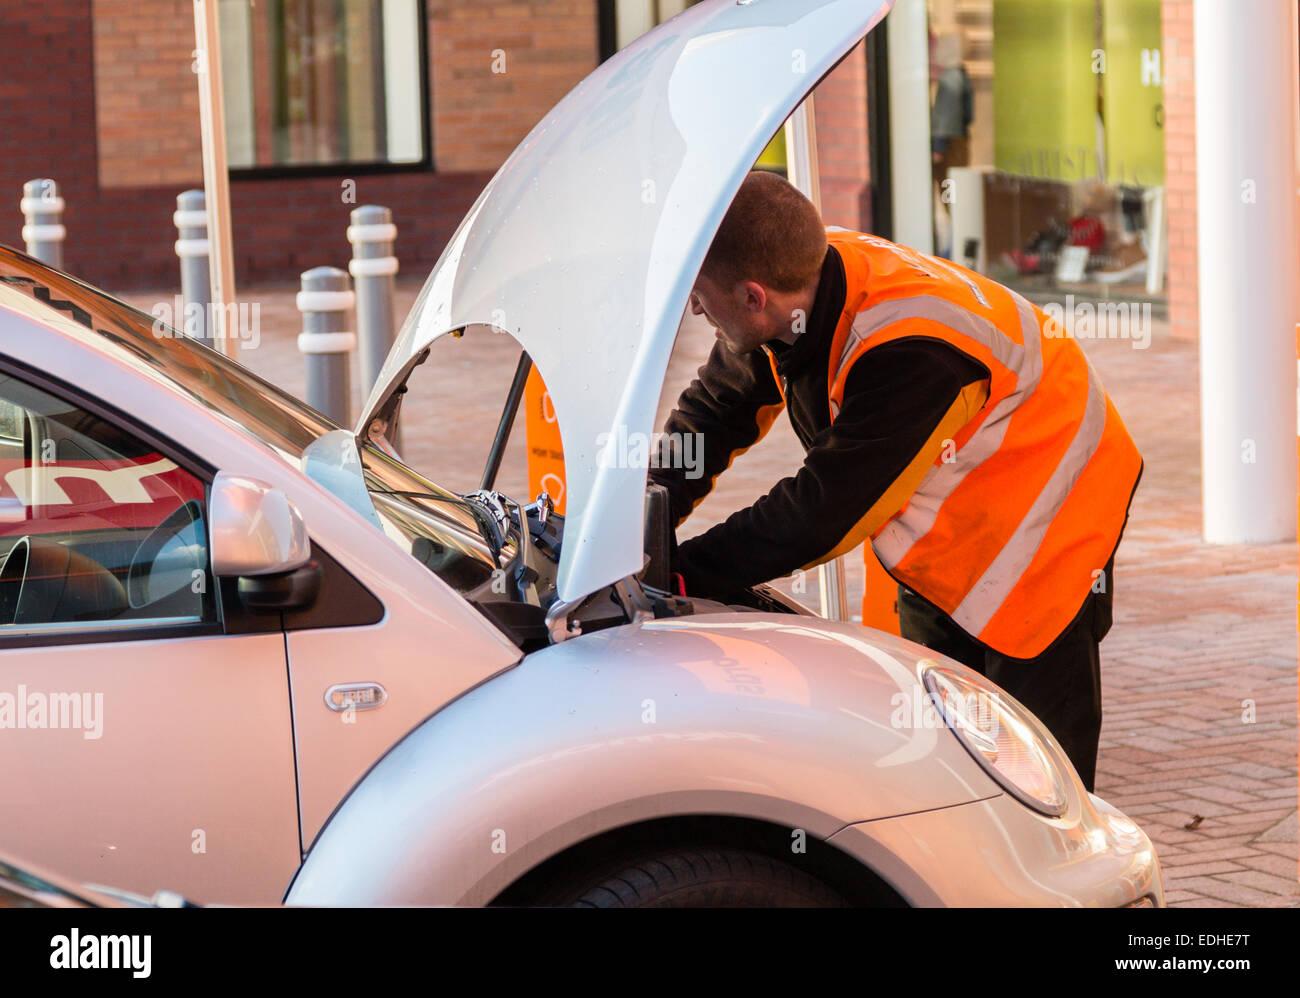 Macho mecánico que trabaja en un coche con el capó). Él está usando una naranja hi-viz chaqueta. Imagen De Stock